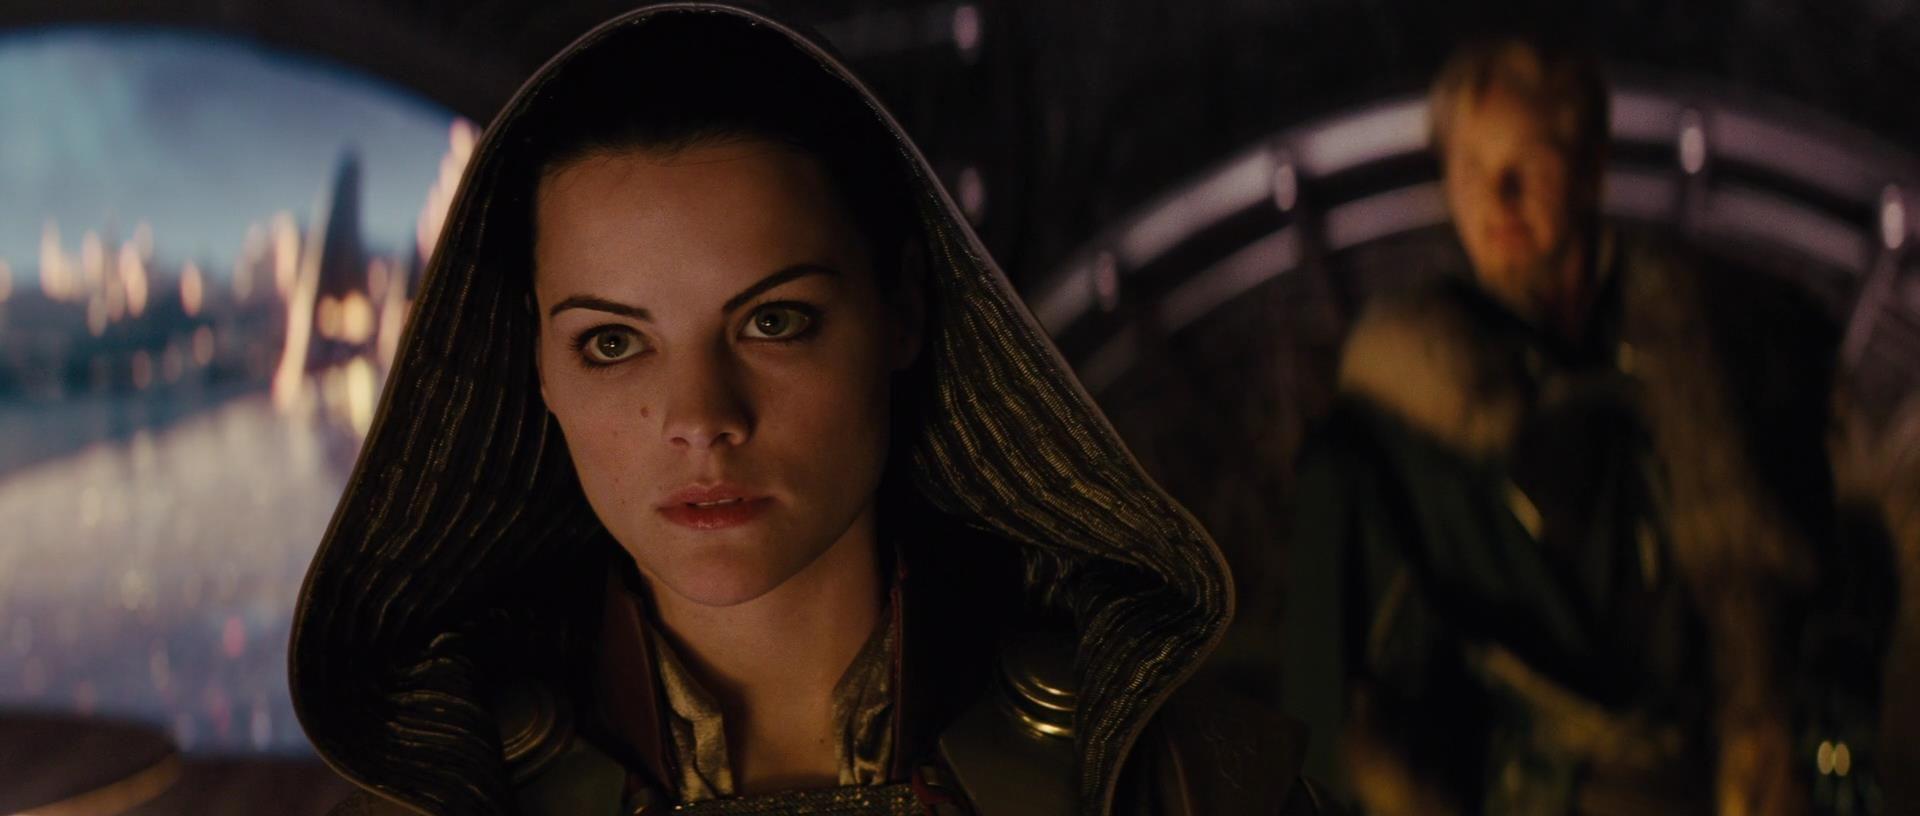 thor sif | Sif (Thor) Lady Sif (Thor 2011) | Thor ...